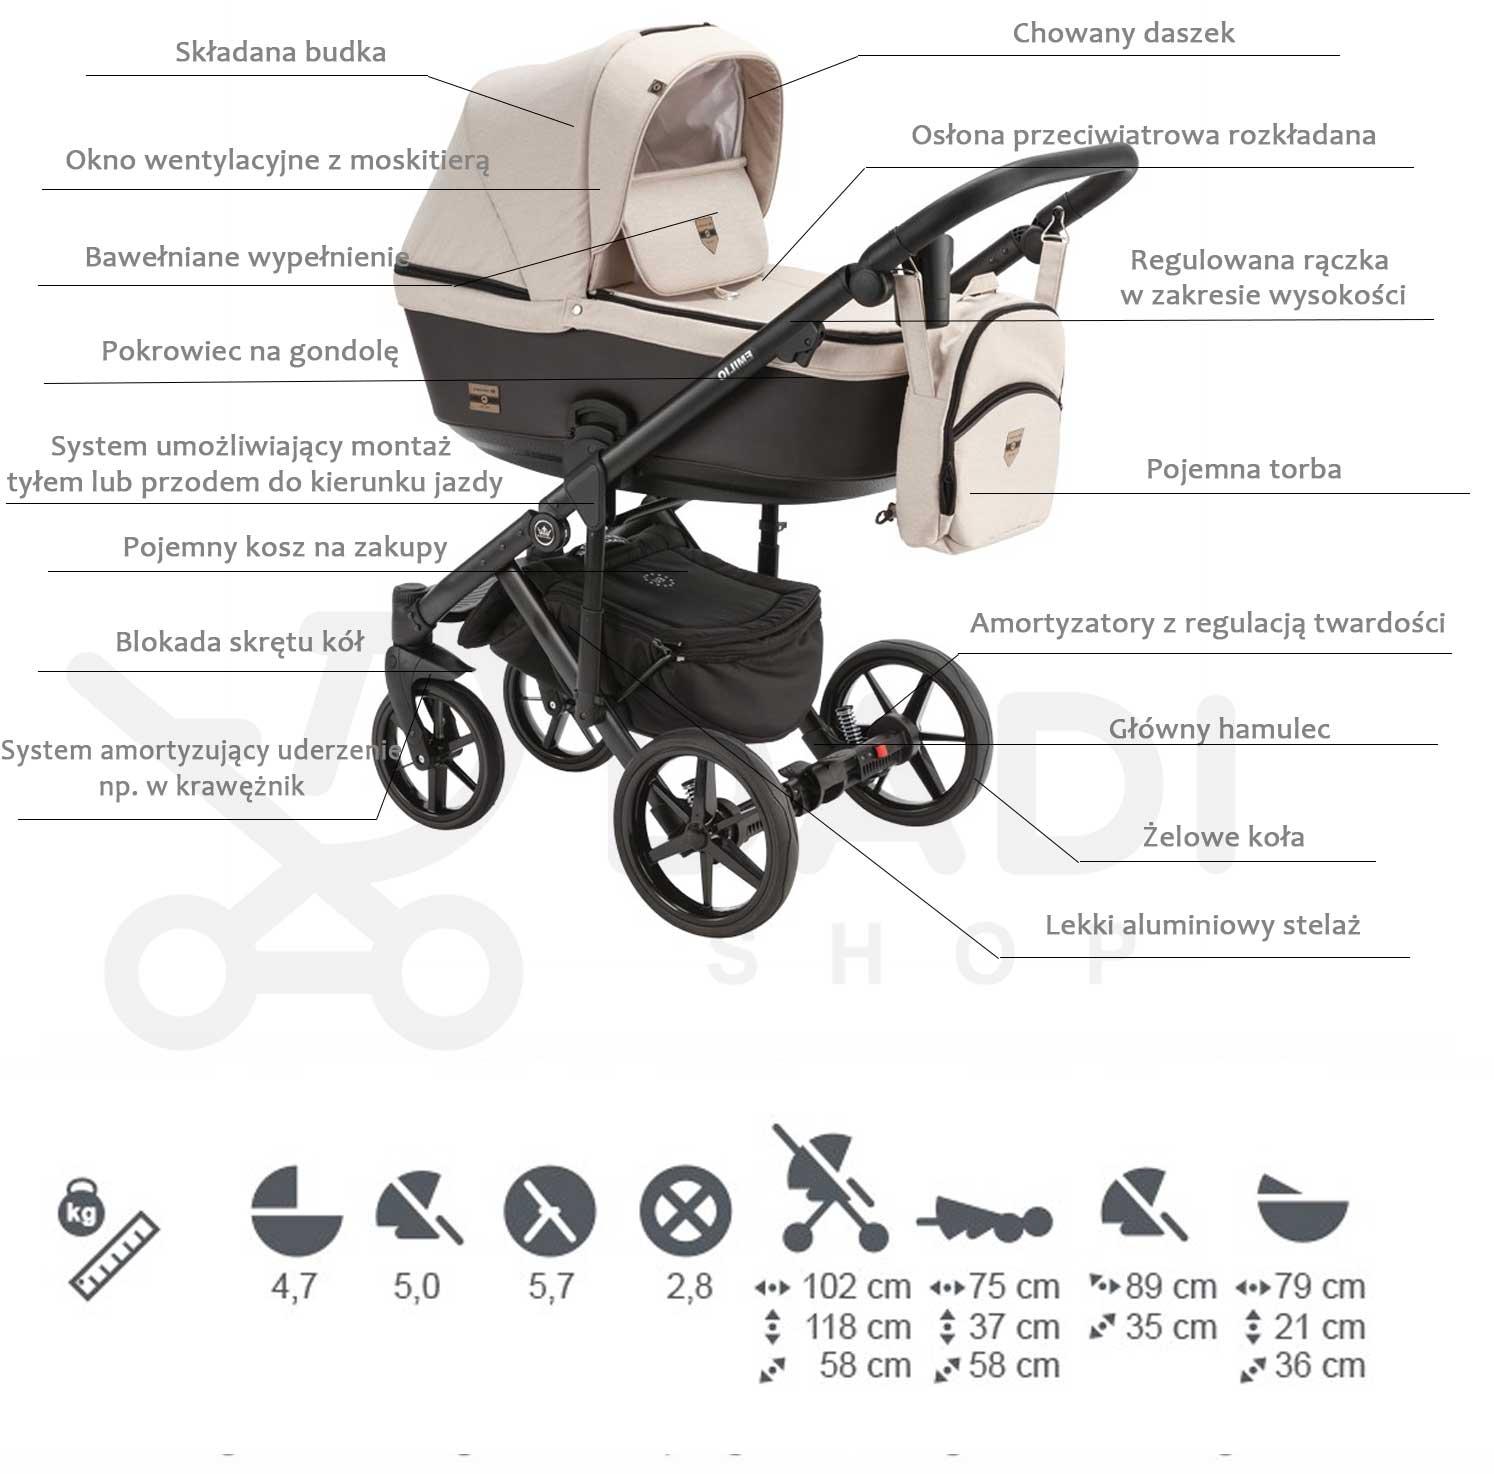 wózek Emilio Adamek dziecięcy wielofunkcyjny opis